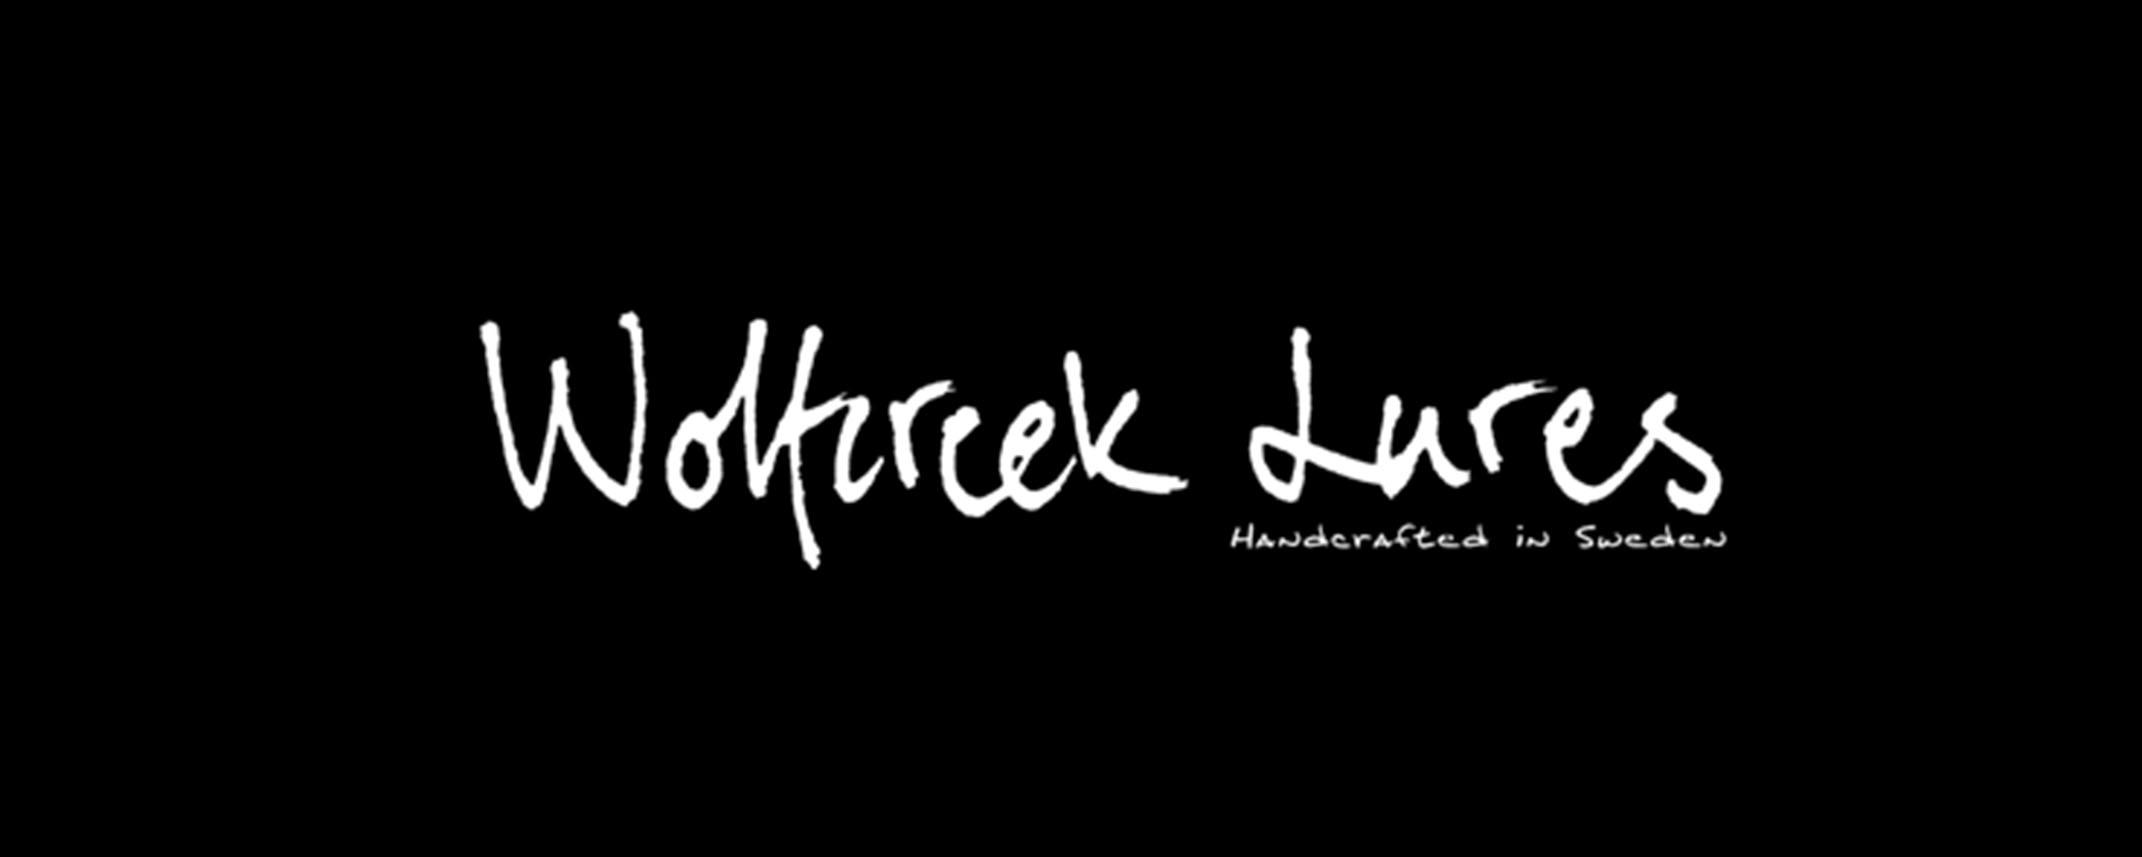 Wolfcreek Lures